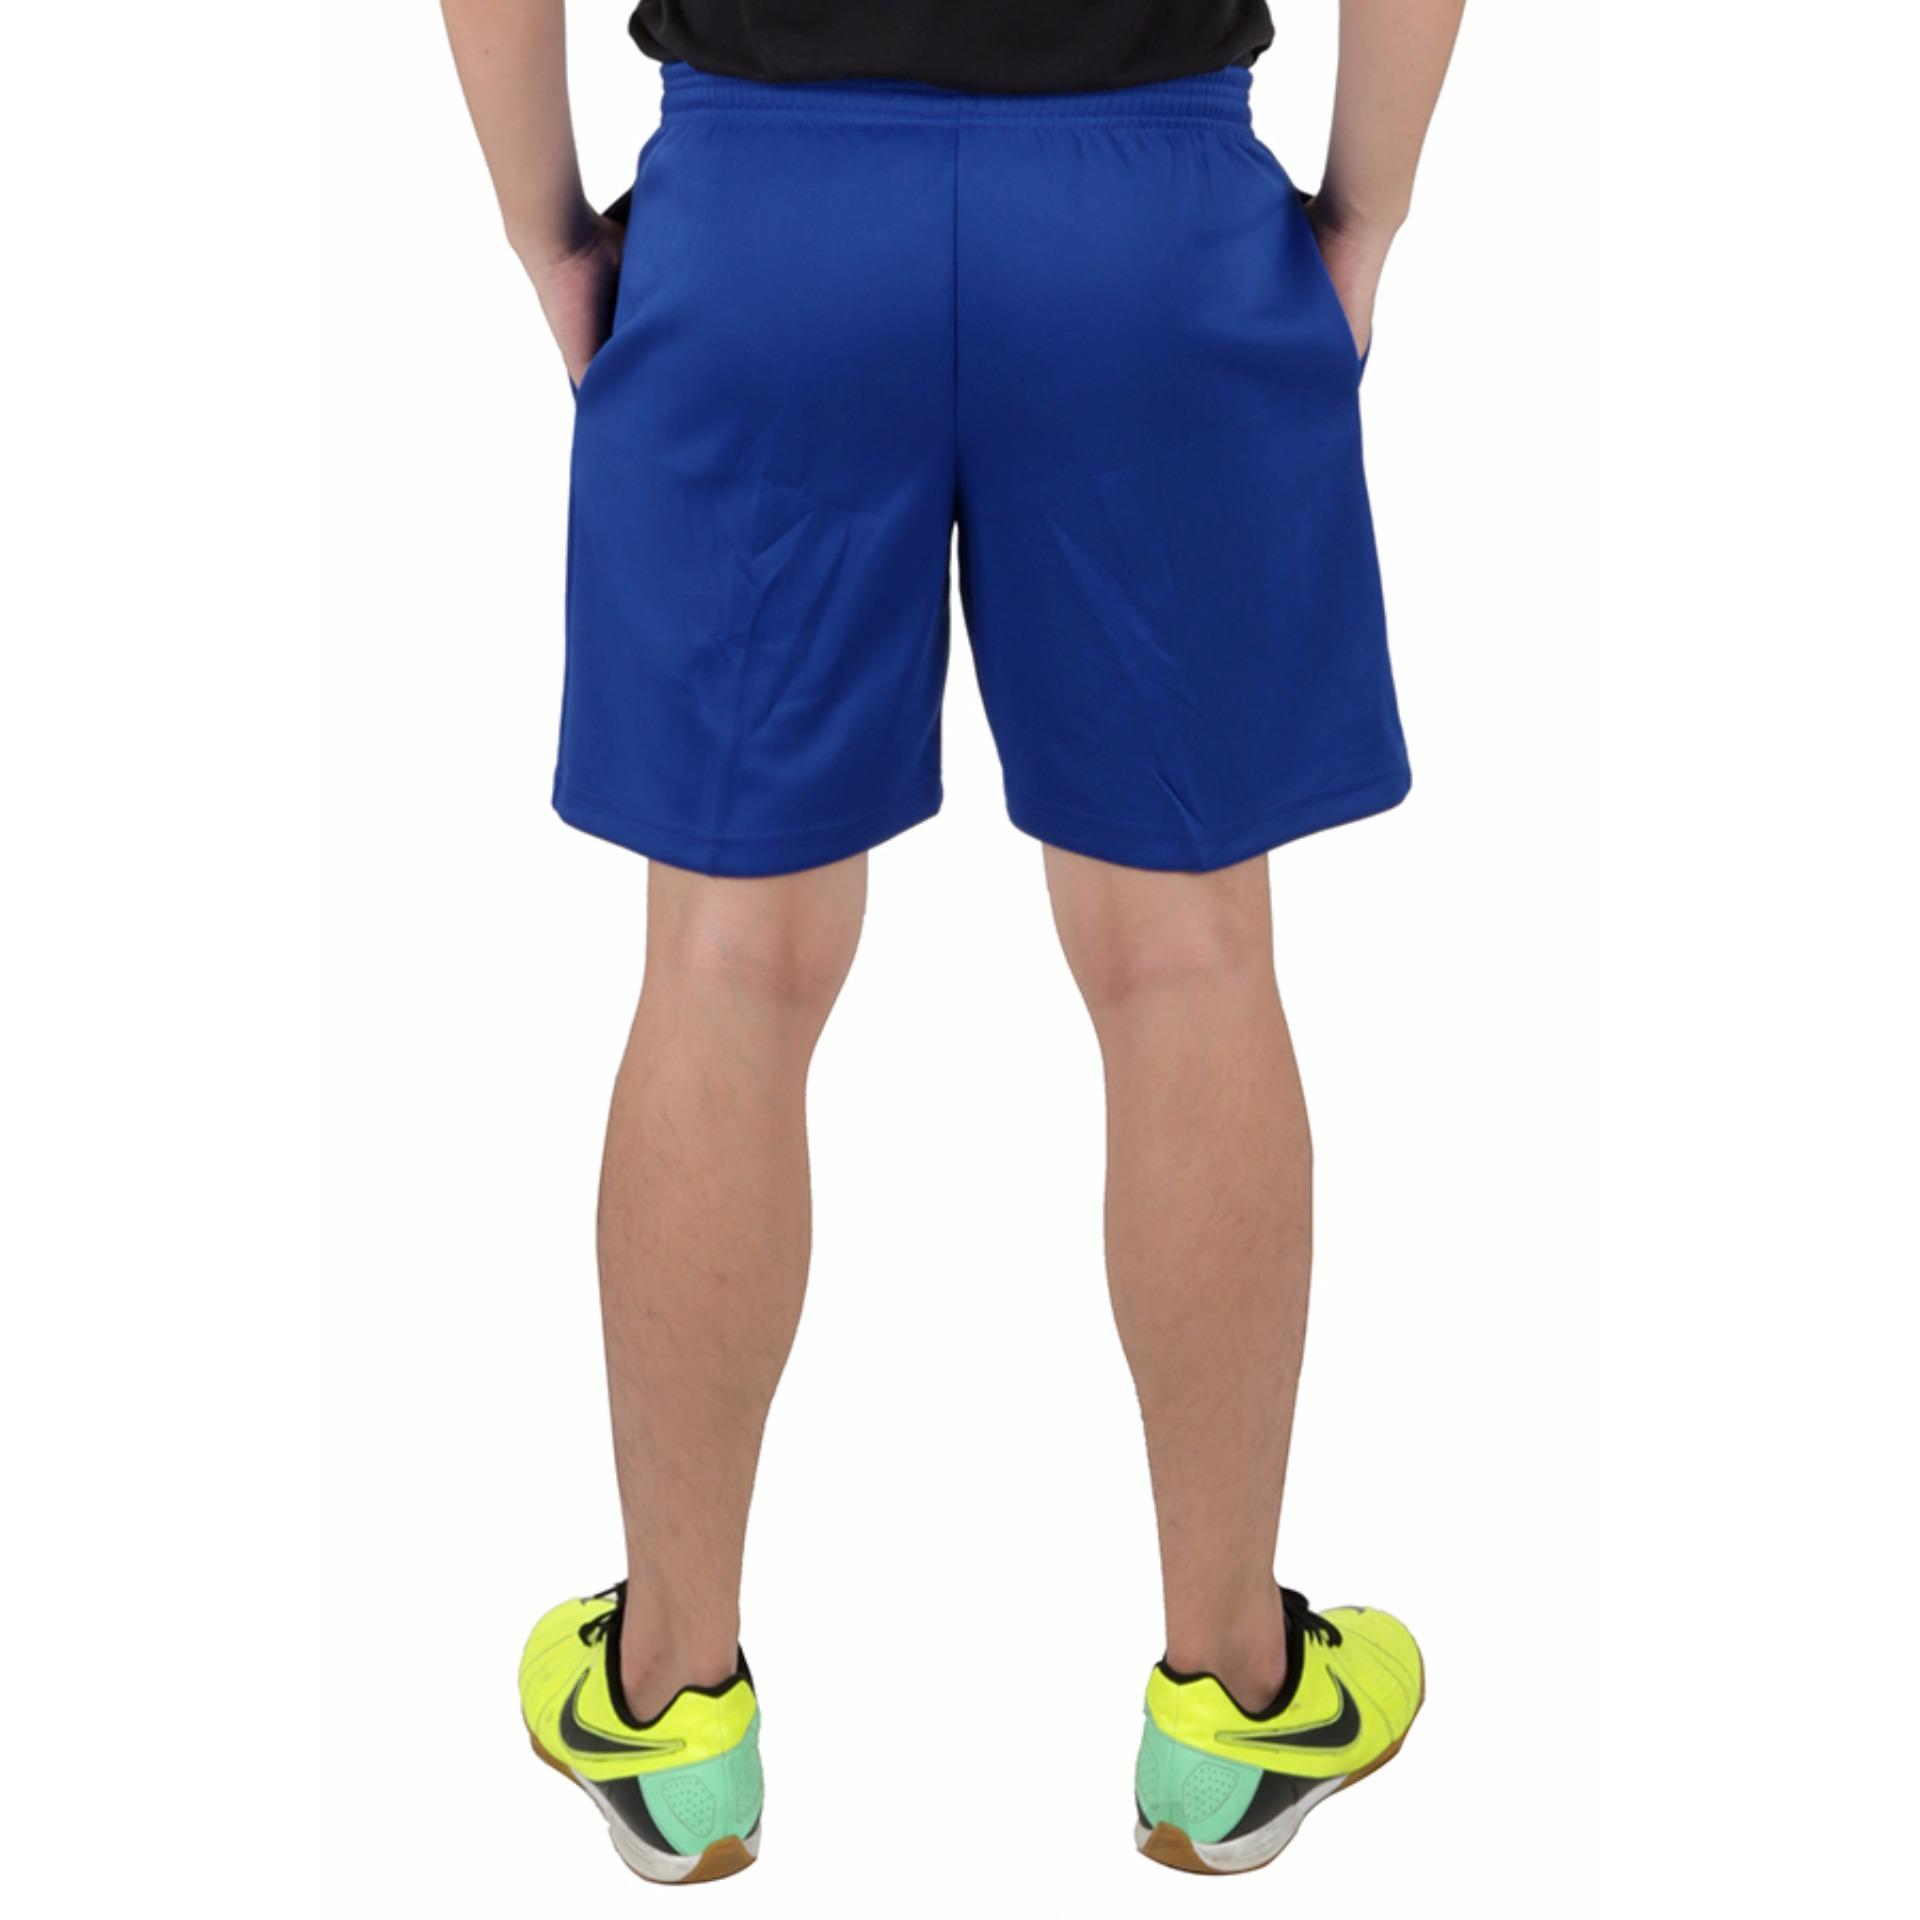 ... Elfs Shop Celana Olahraga Training Pendek Diadora Biru Tua